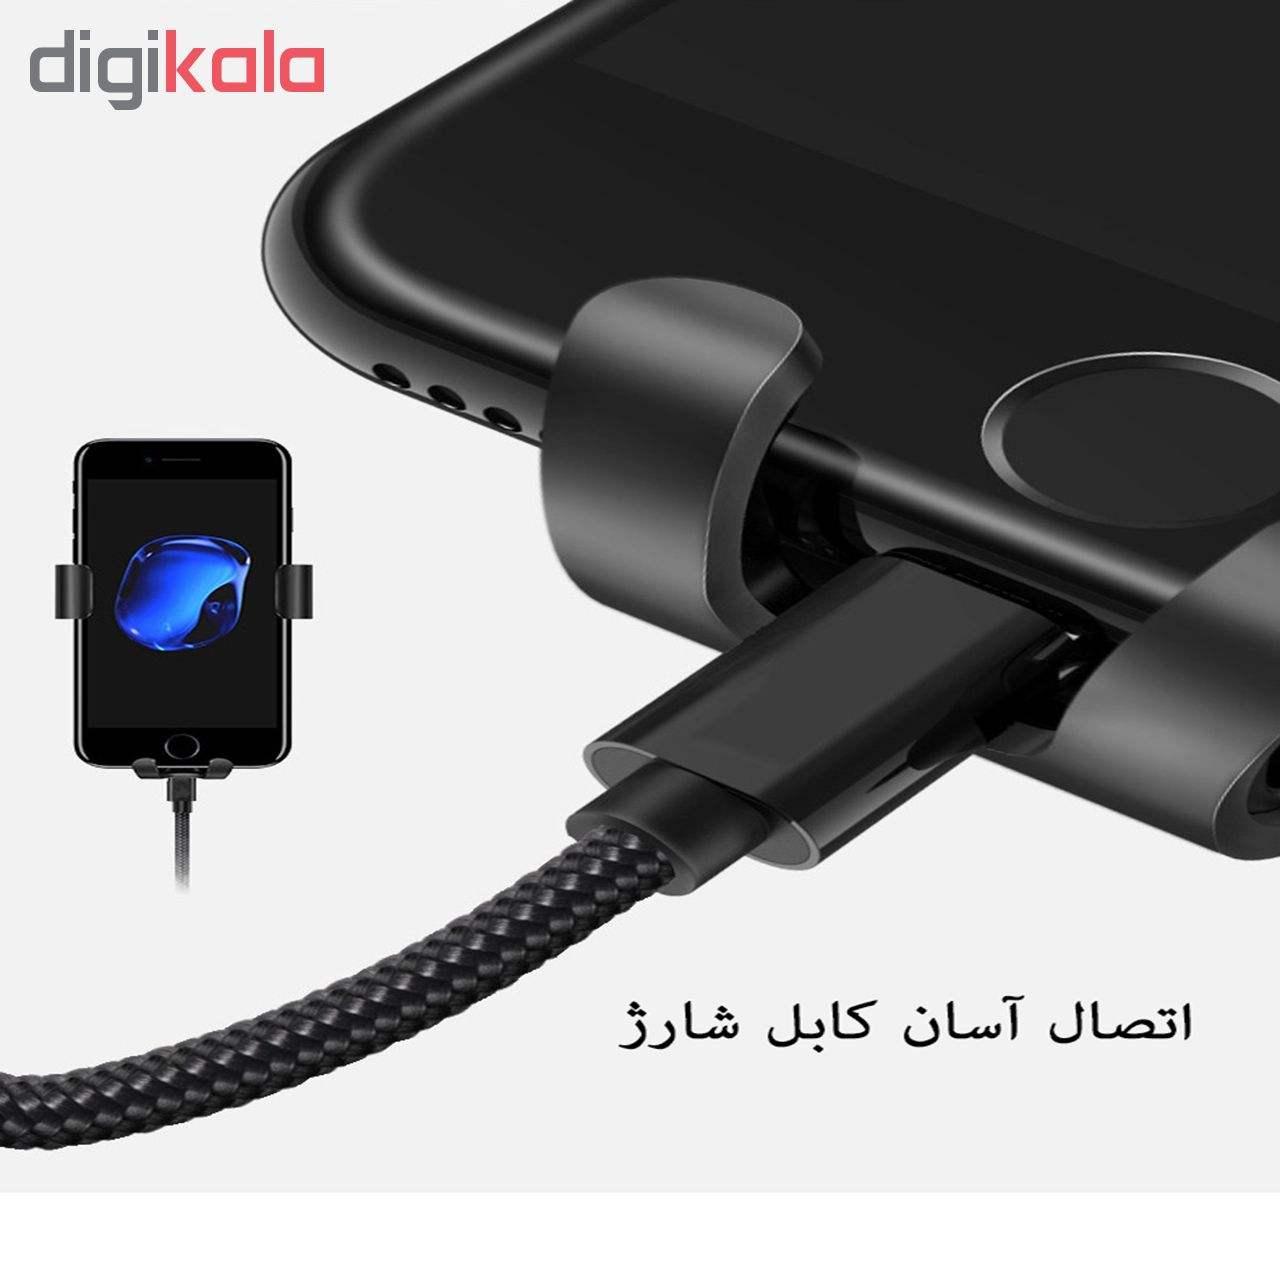 پایه نگهدارنده گوشی موبایل یسیدو مدل C44 thumb 9